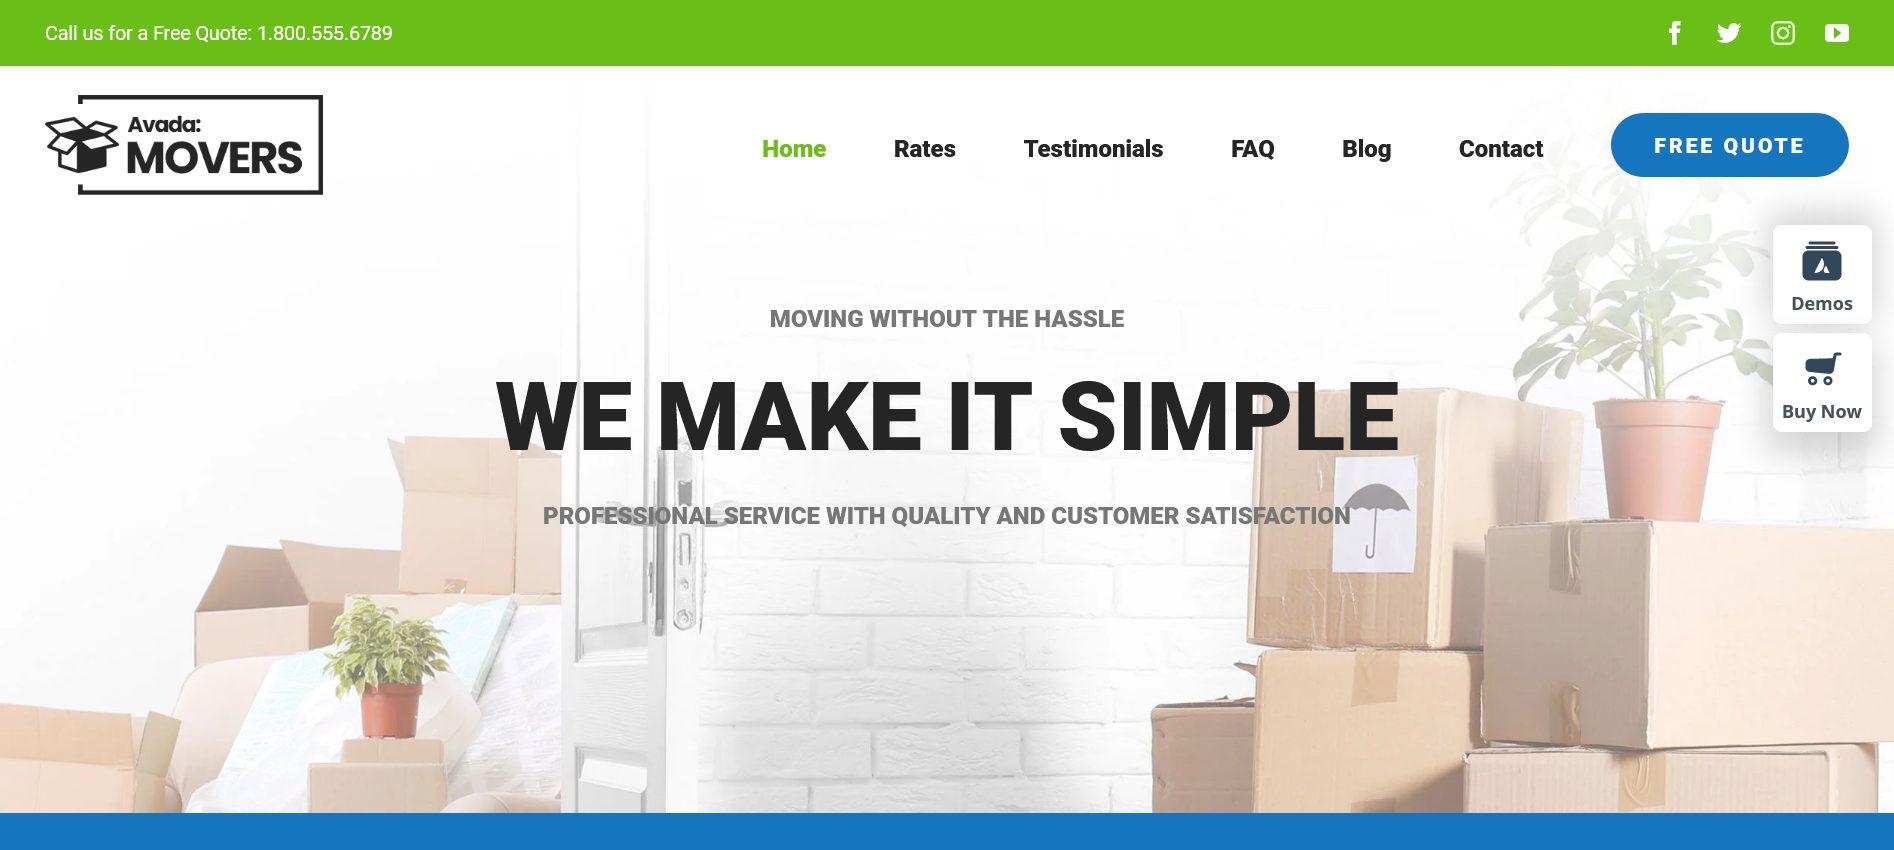 Jasa Pembuatan Company Profil di Batam, Jasa Pembuatan Company Profil di Batam, KepriWebsite